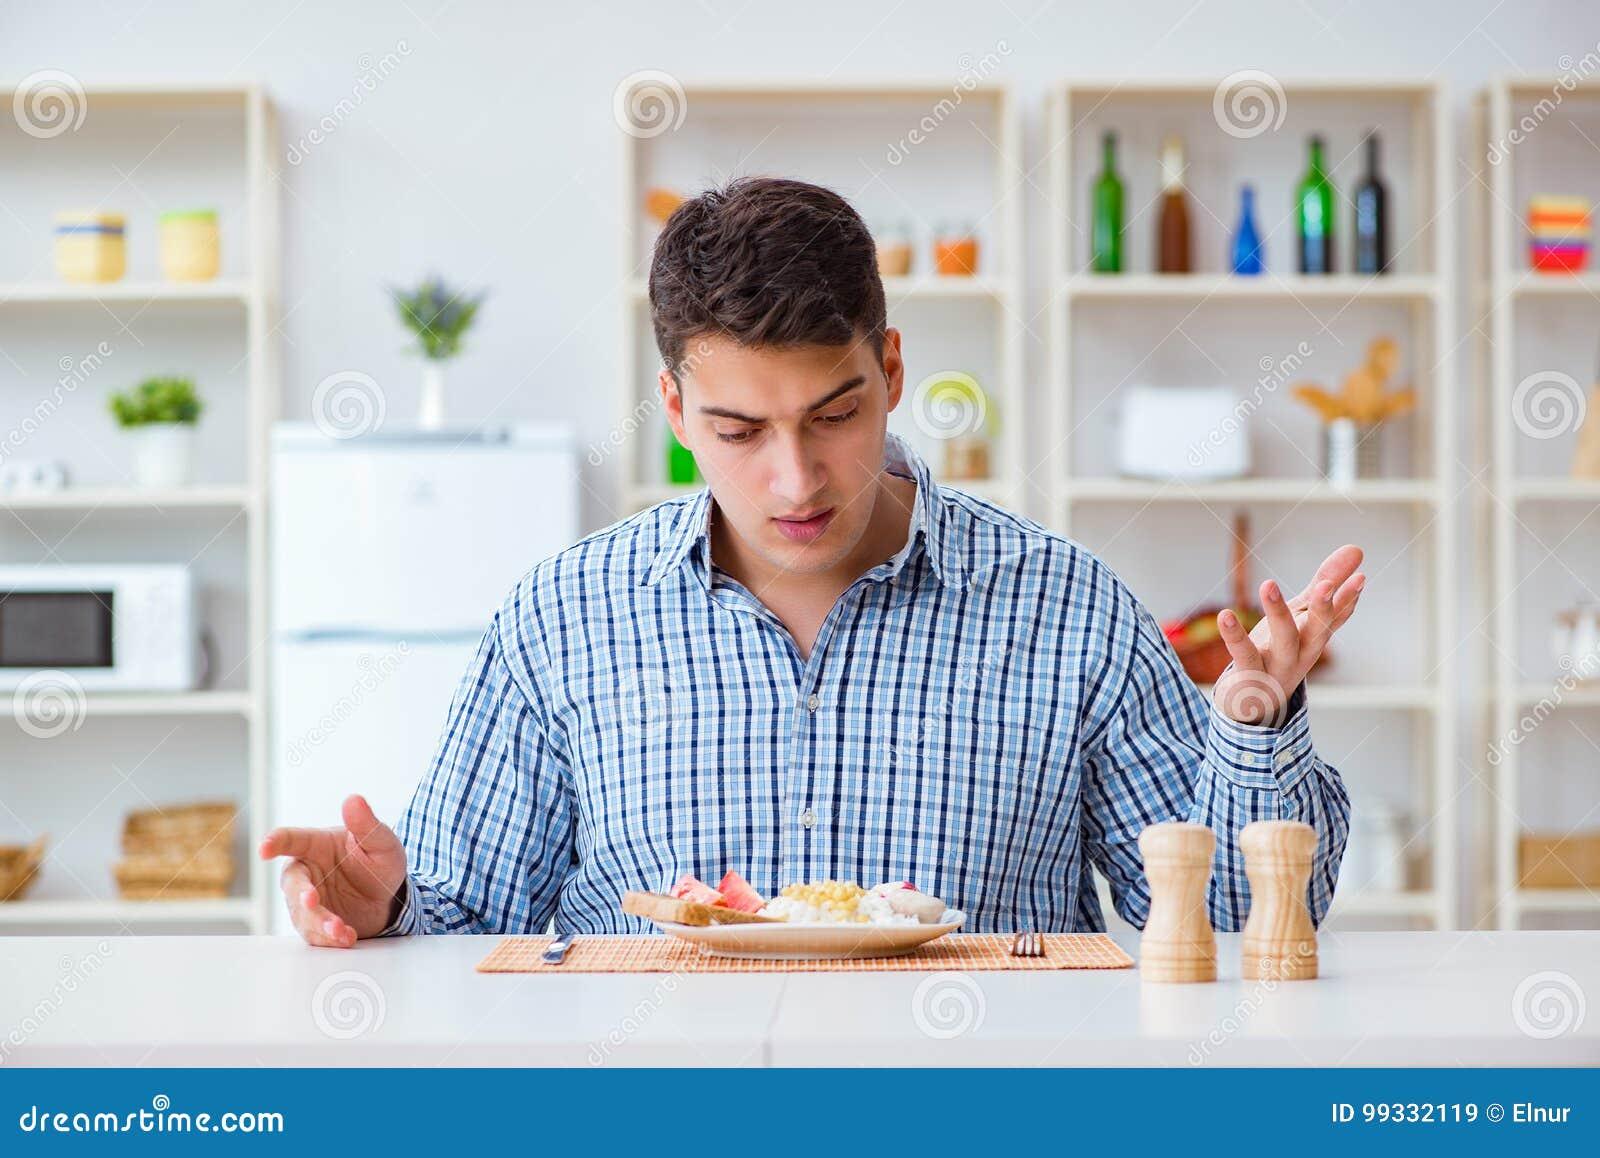 Pranzo Per Marito : Il giovane marito che mangia alimento insipido a casa per pranzo